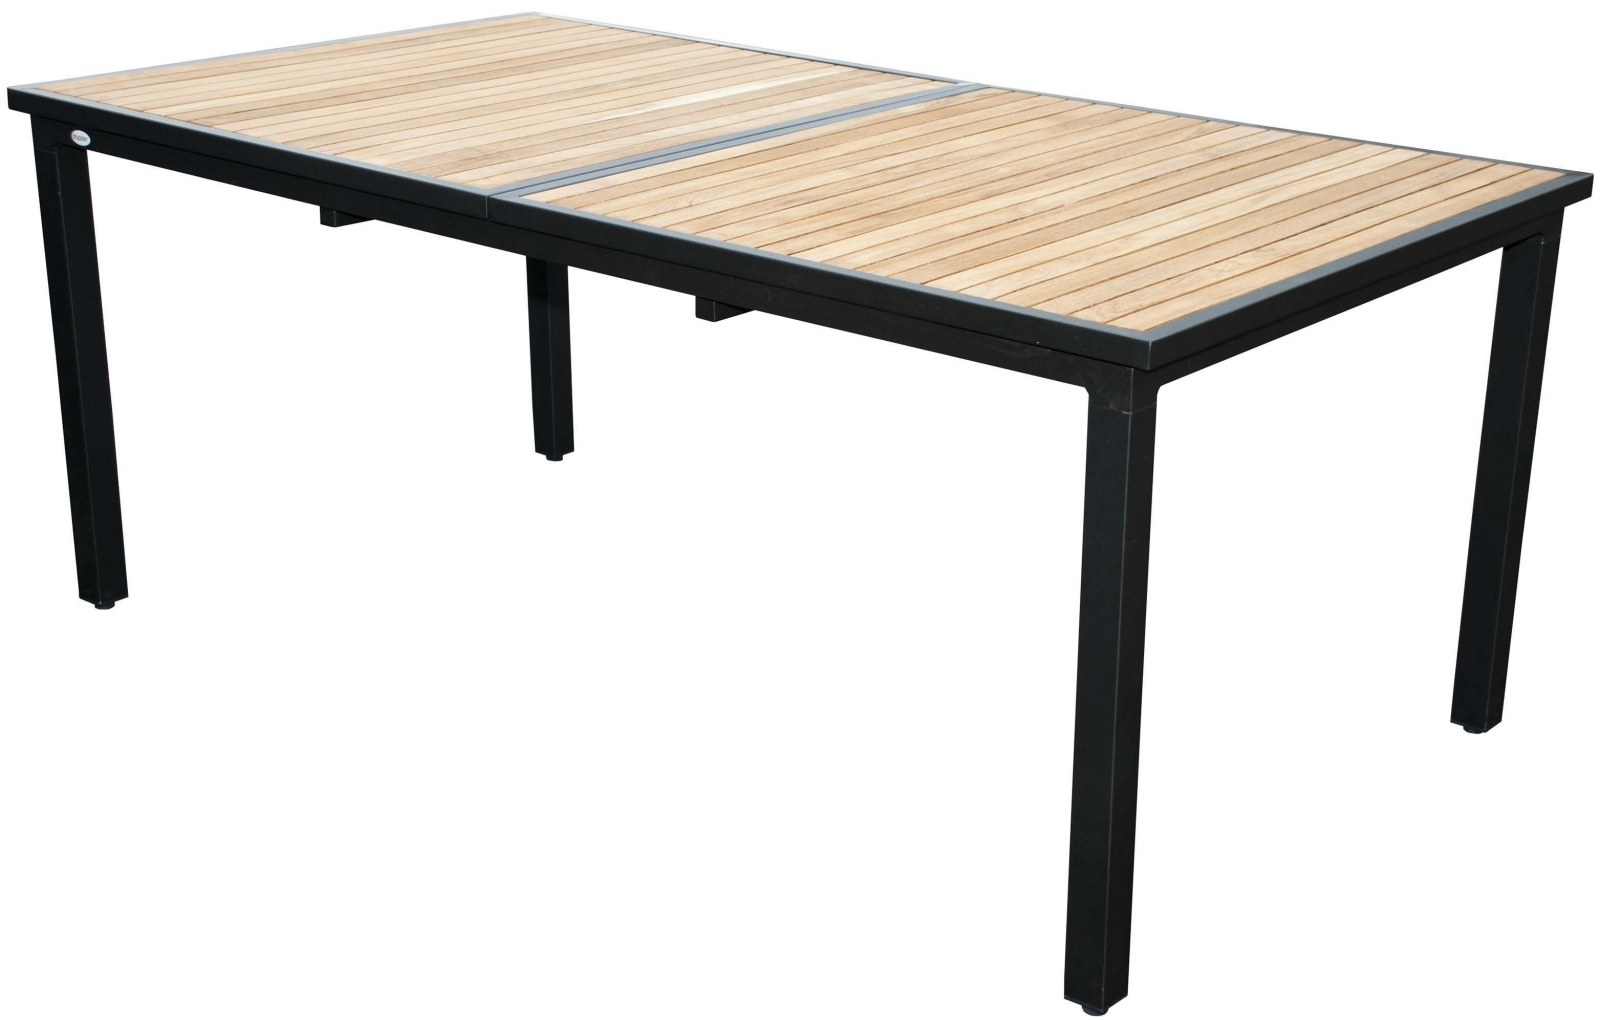 Záhradný stôl - Doppler - Forest - 259FO11123